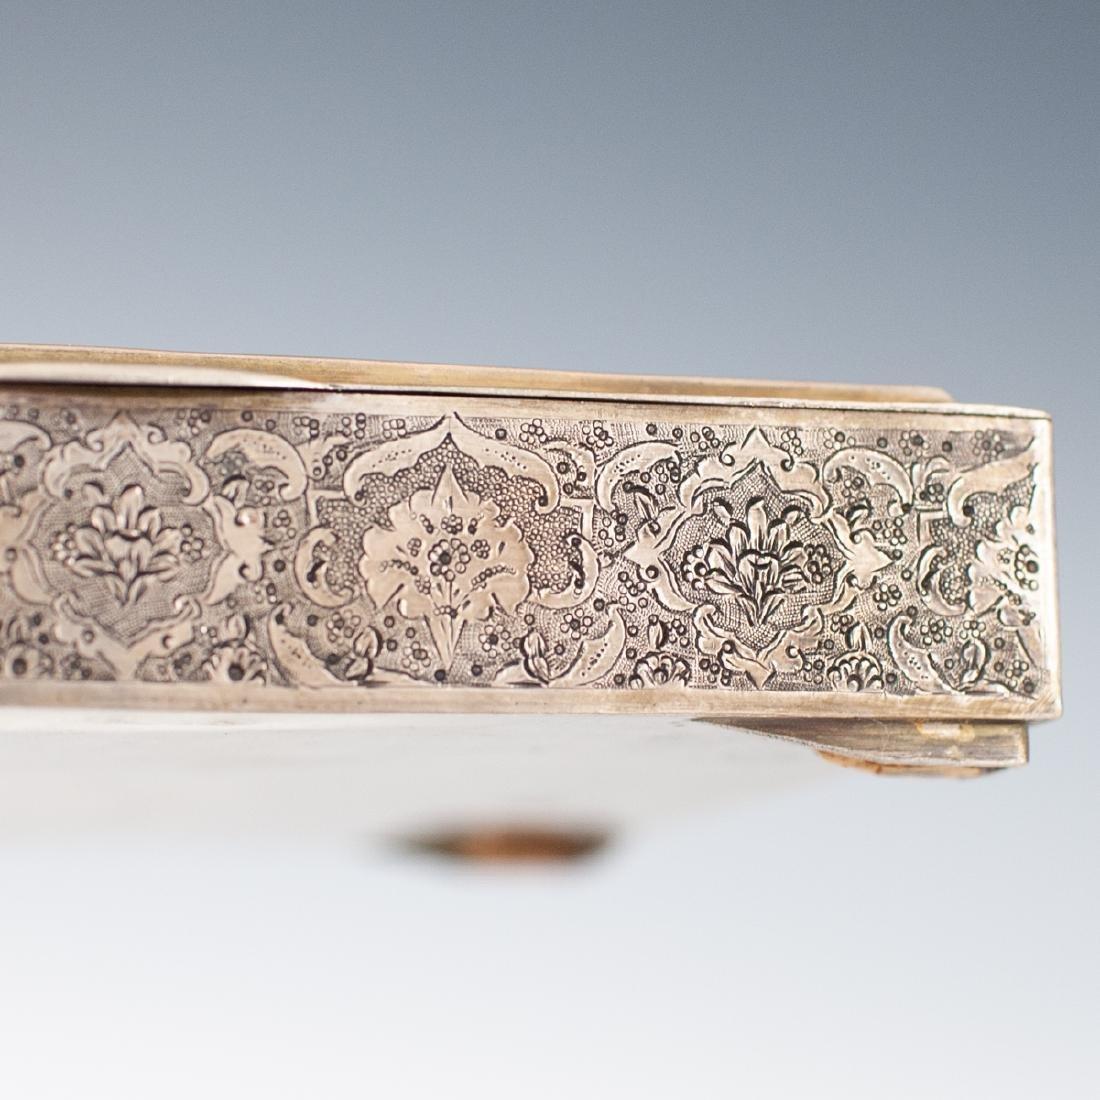 Persian Silver Hinged Box - 4